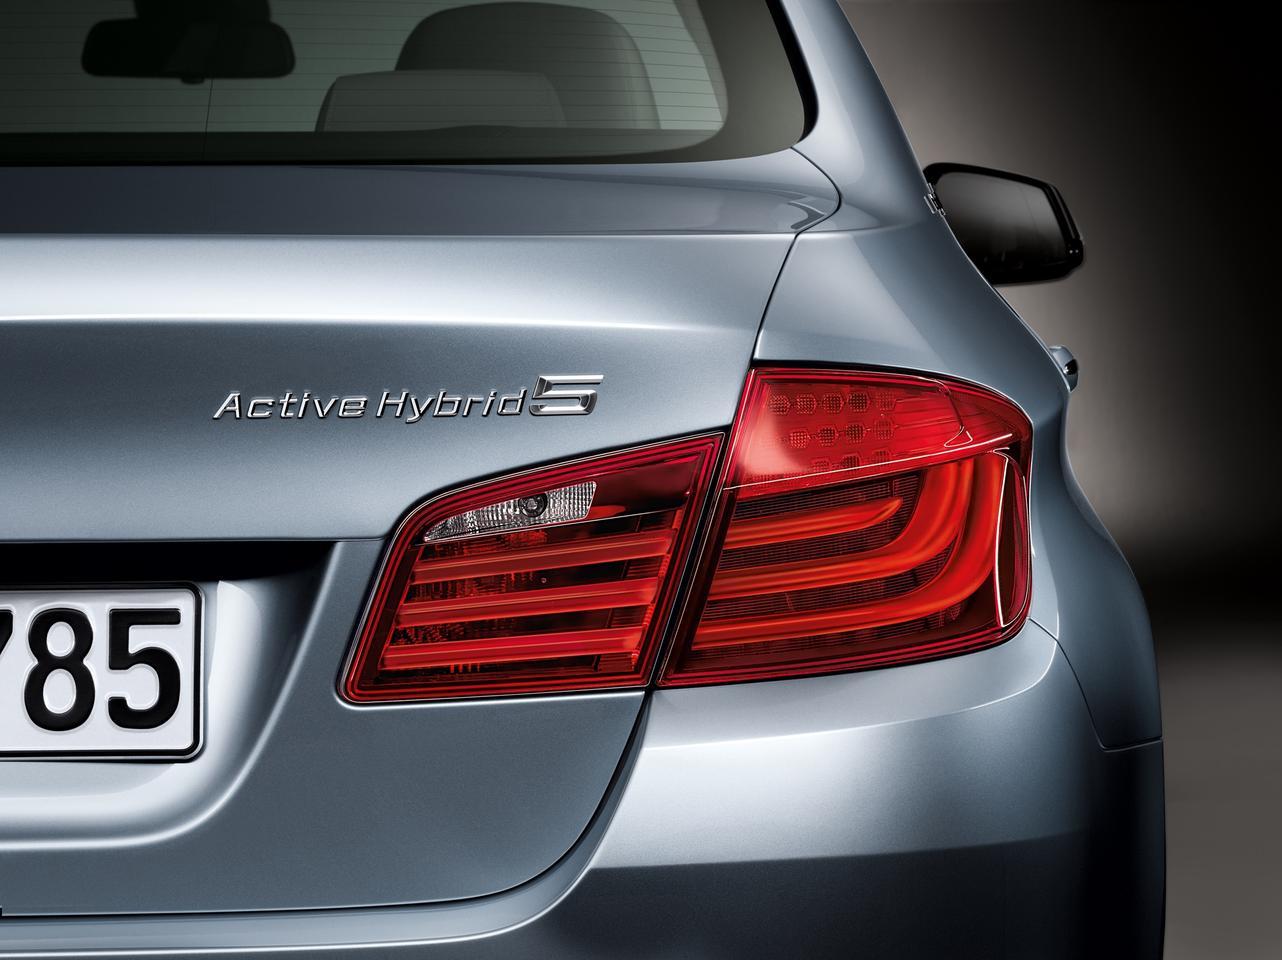 BMW's ActiveHybrid 5